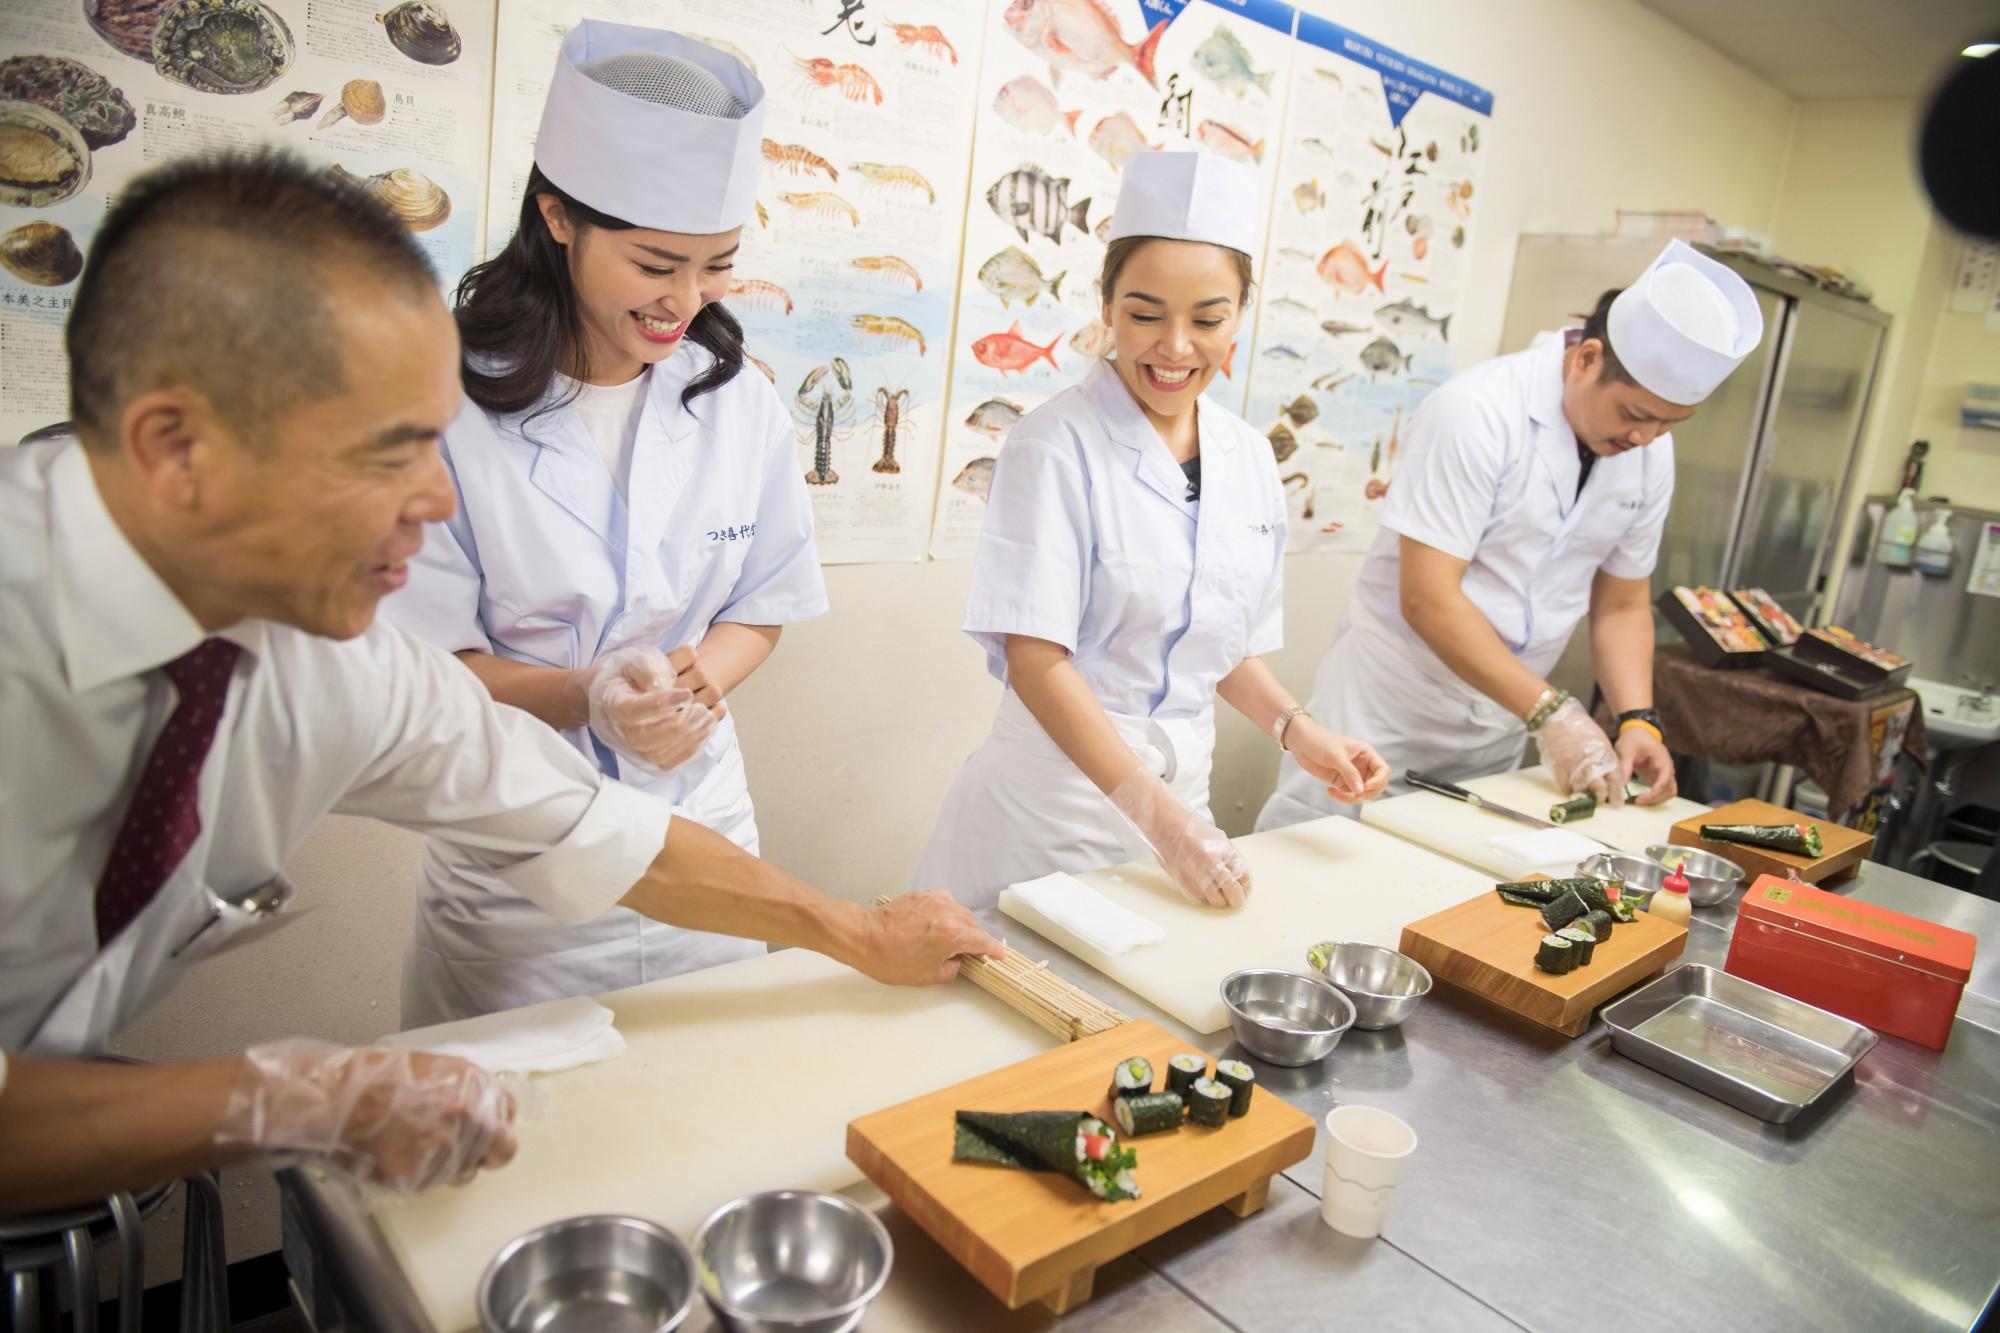 Đông Nhi hào hứng học làm sushi, cùng nghệ sĩ các nước ASEAN khám phá Nhật Bản - Ảnh 10.